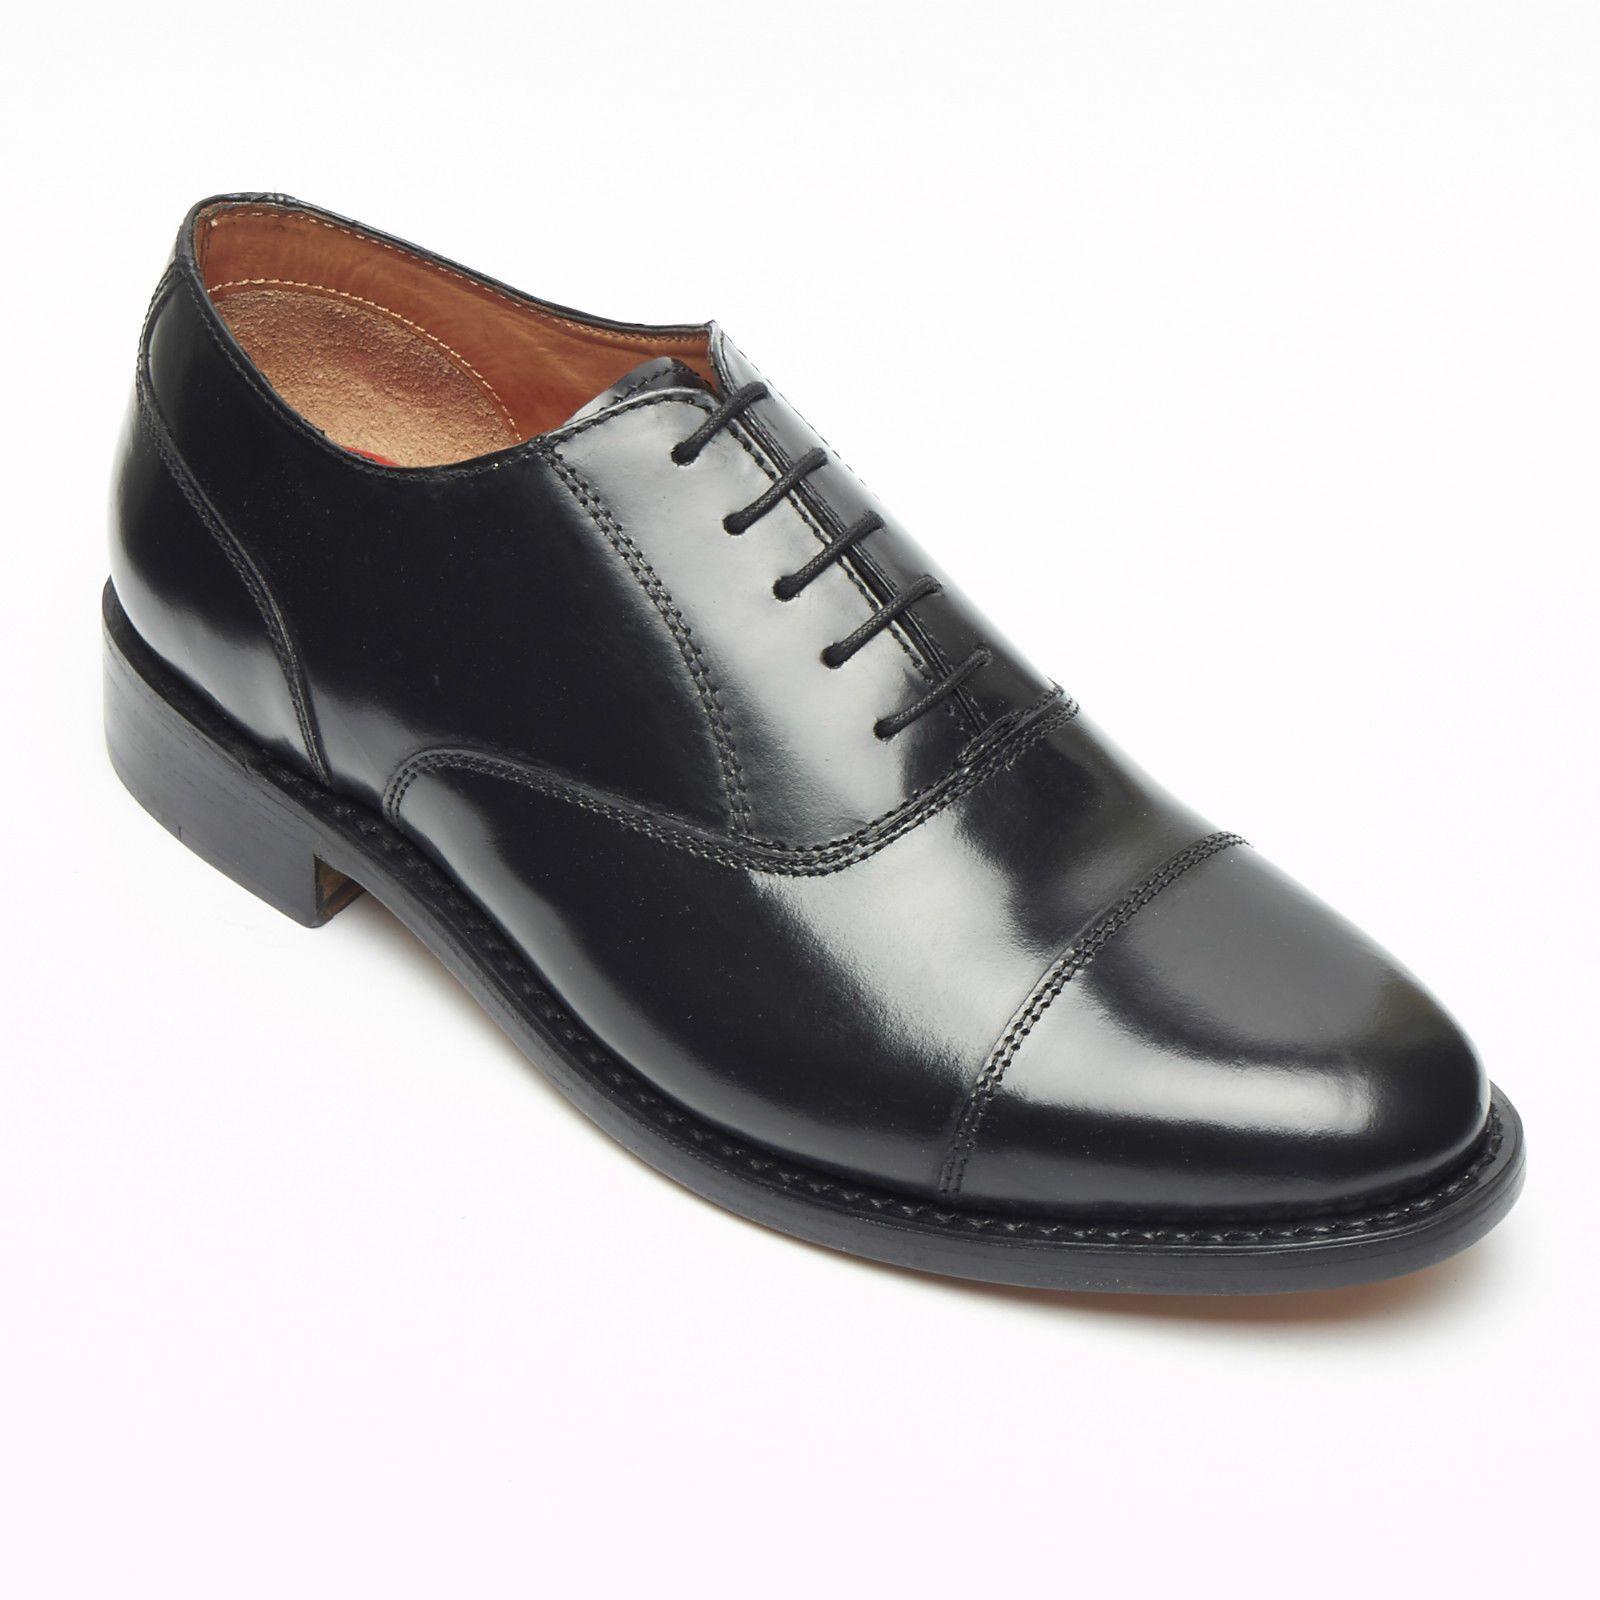 Lucini para Hombre de Cuero Negro Zapatos Oxford Goodyear Welted